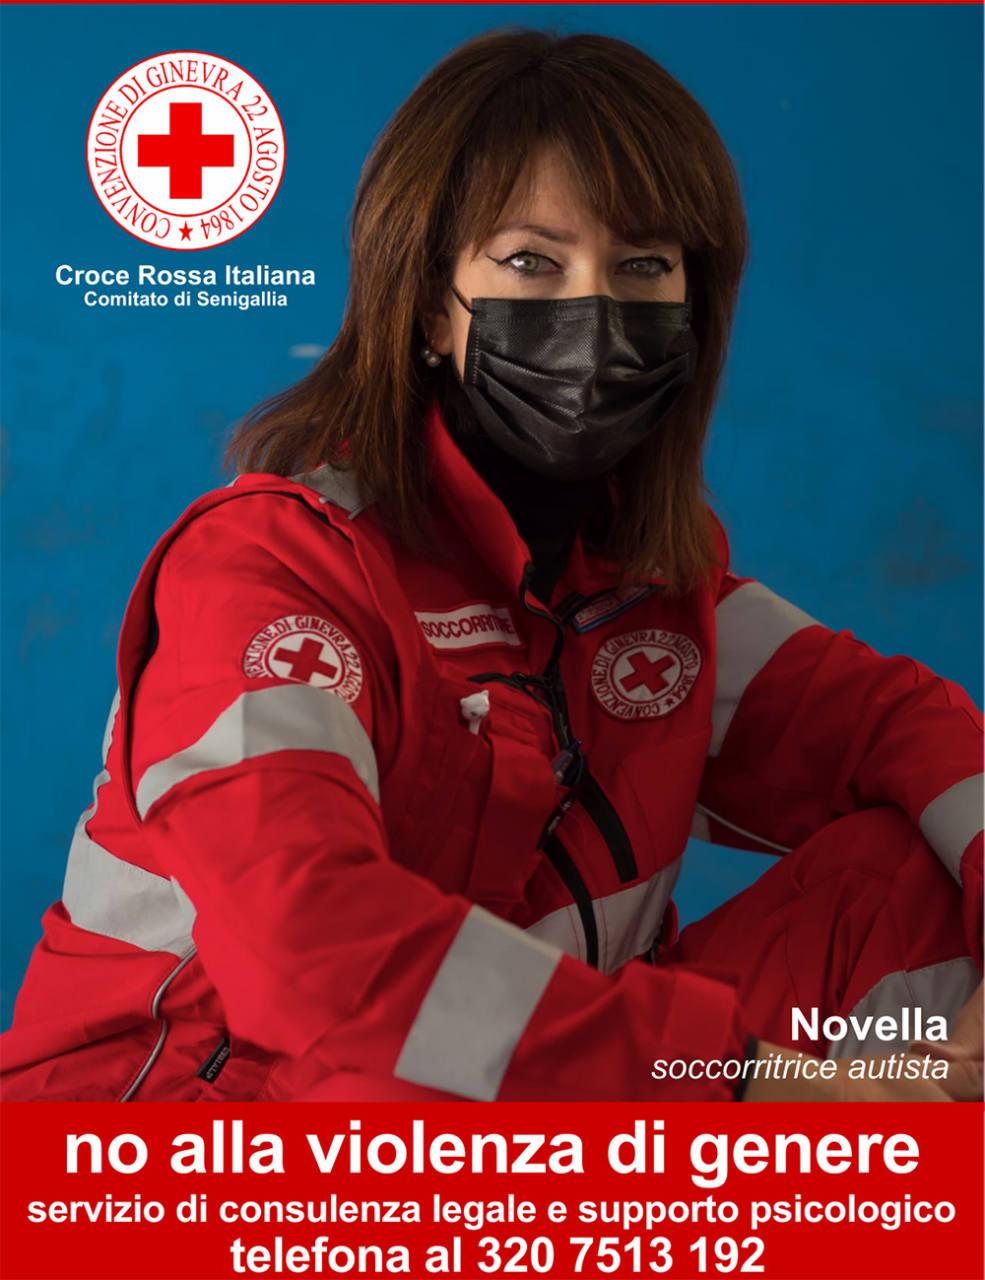 Il manifesto della Croce Rossa Italiana - Comitato di Senigallia contro la violenza sulle donne: attivato uno sportello antiviolenza